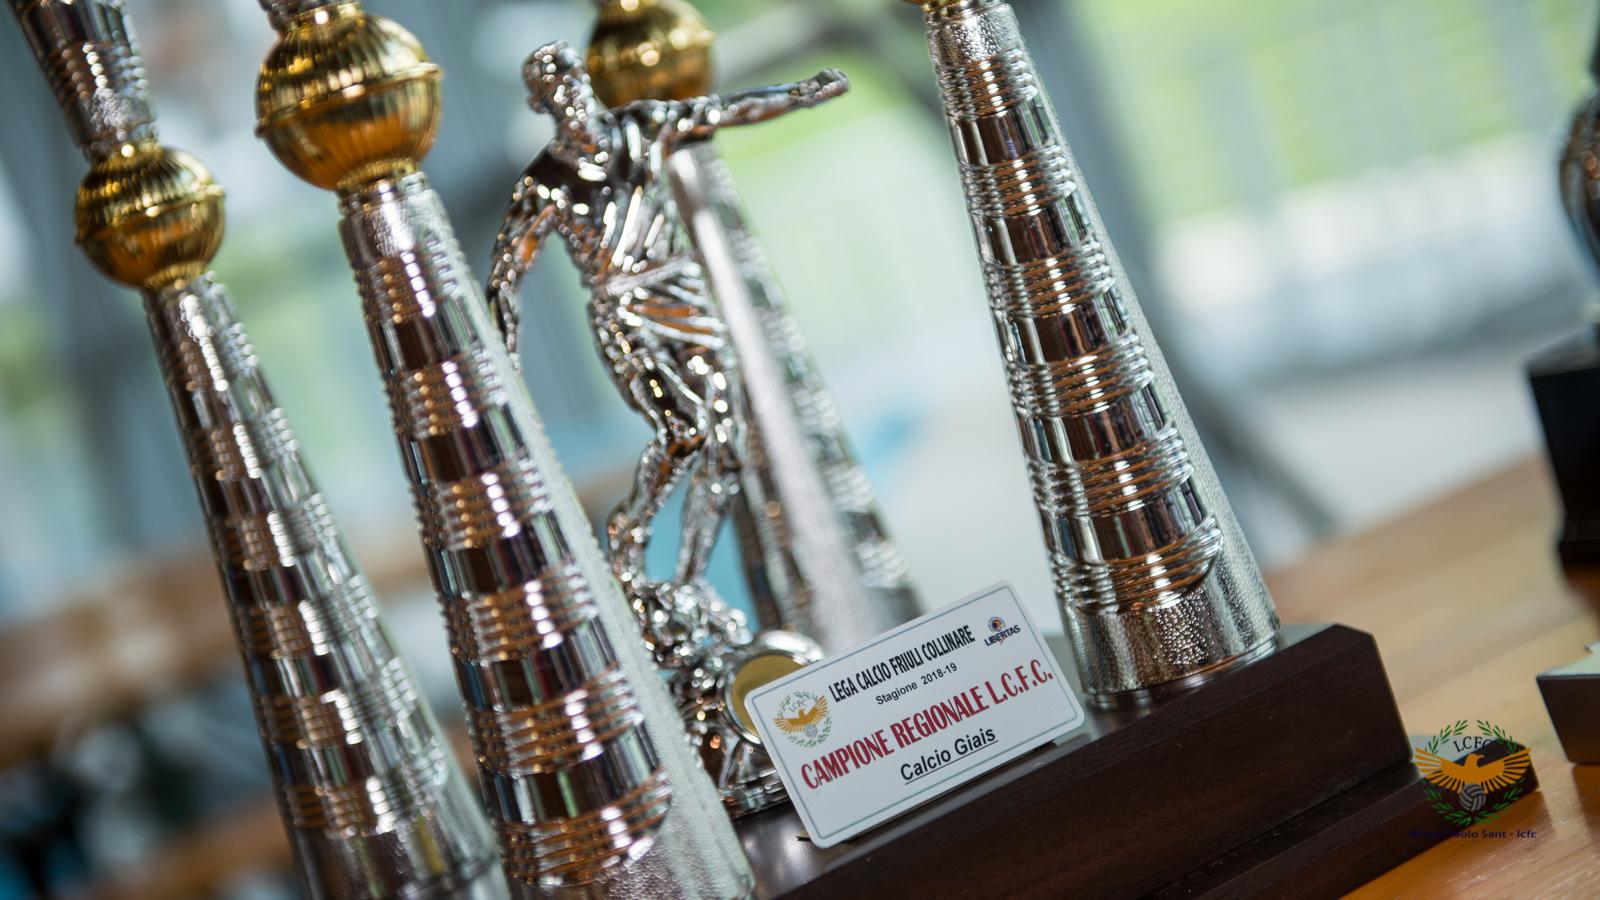 Cena delle premiazioni: 5 luglio 2019 ristorante Belvedere a Tricesimo